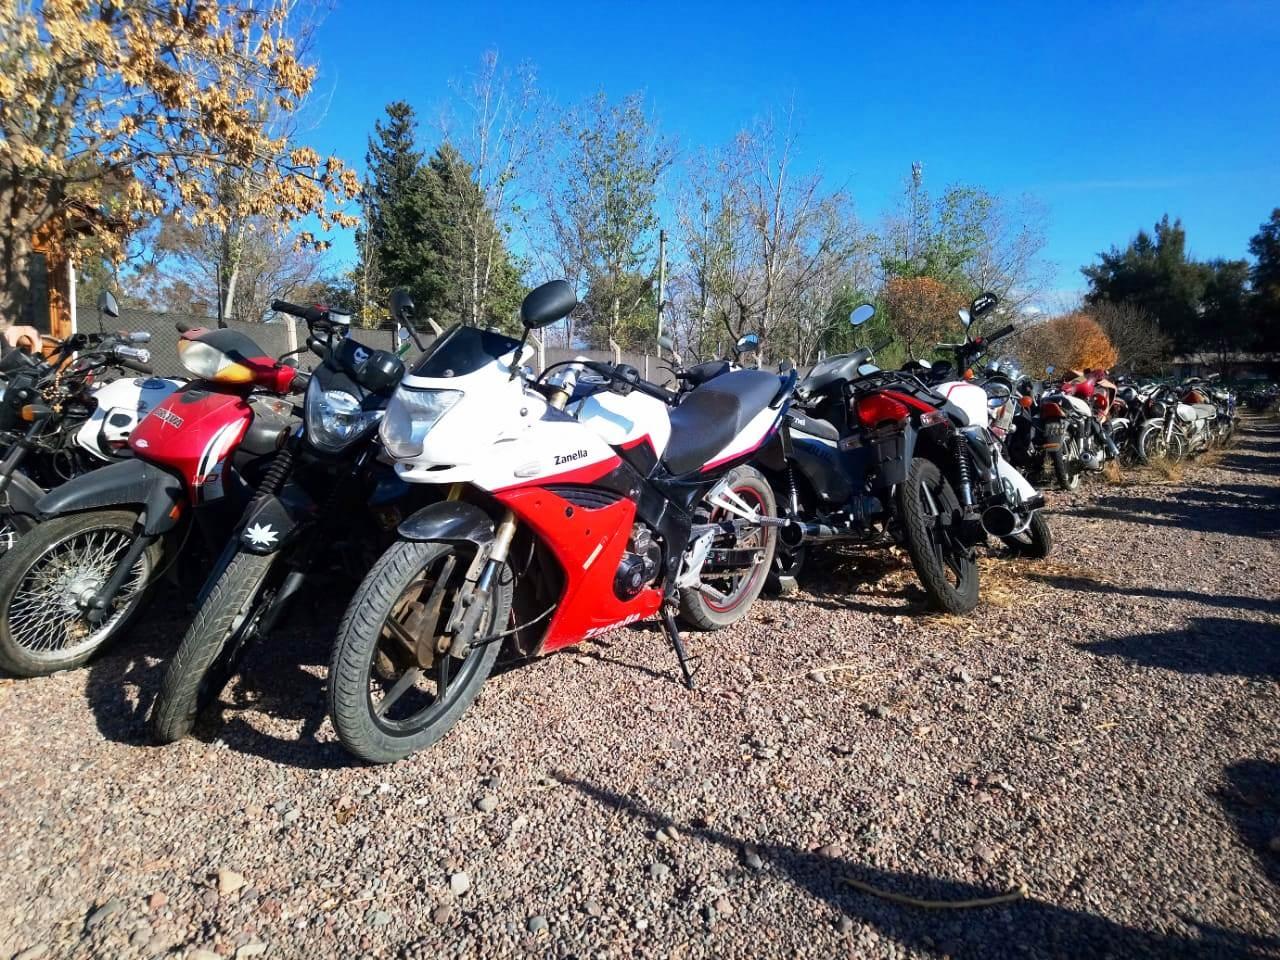 Más autos y motos para rematar en Godoy Cruz - Mendovoz